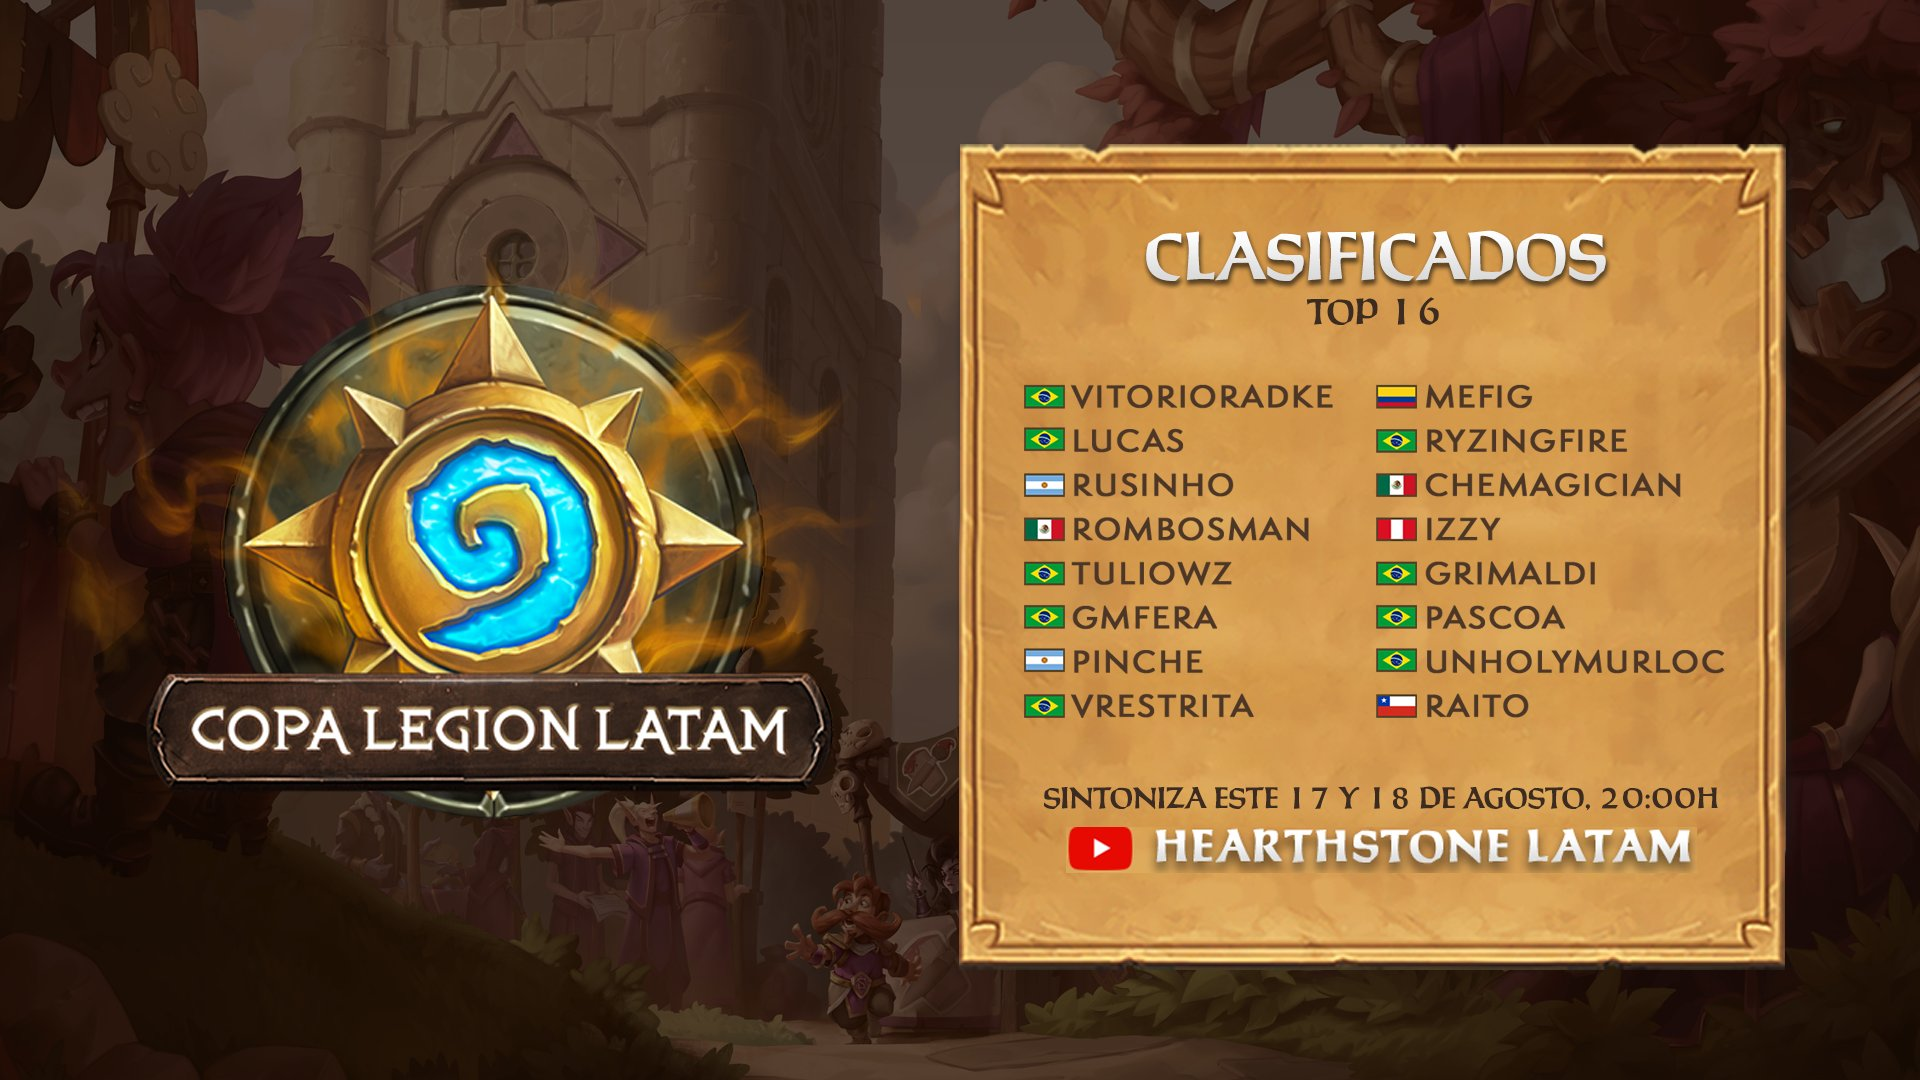 Legion Latam